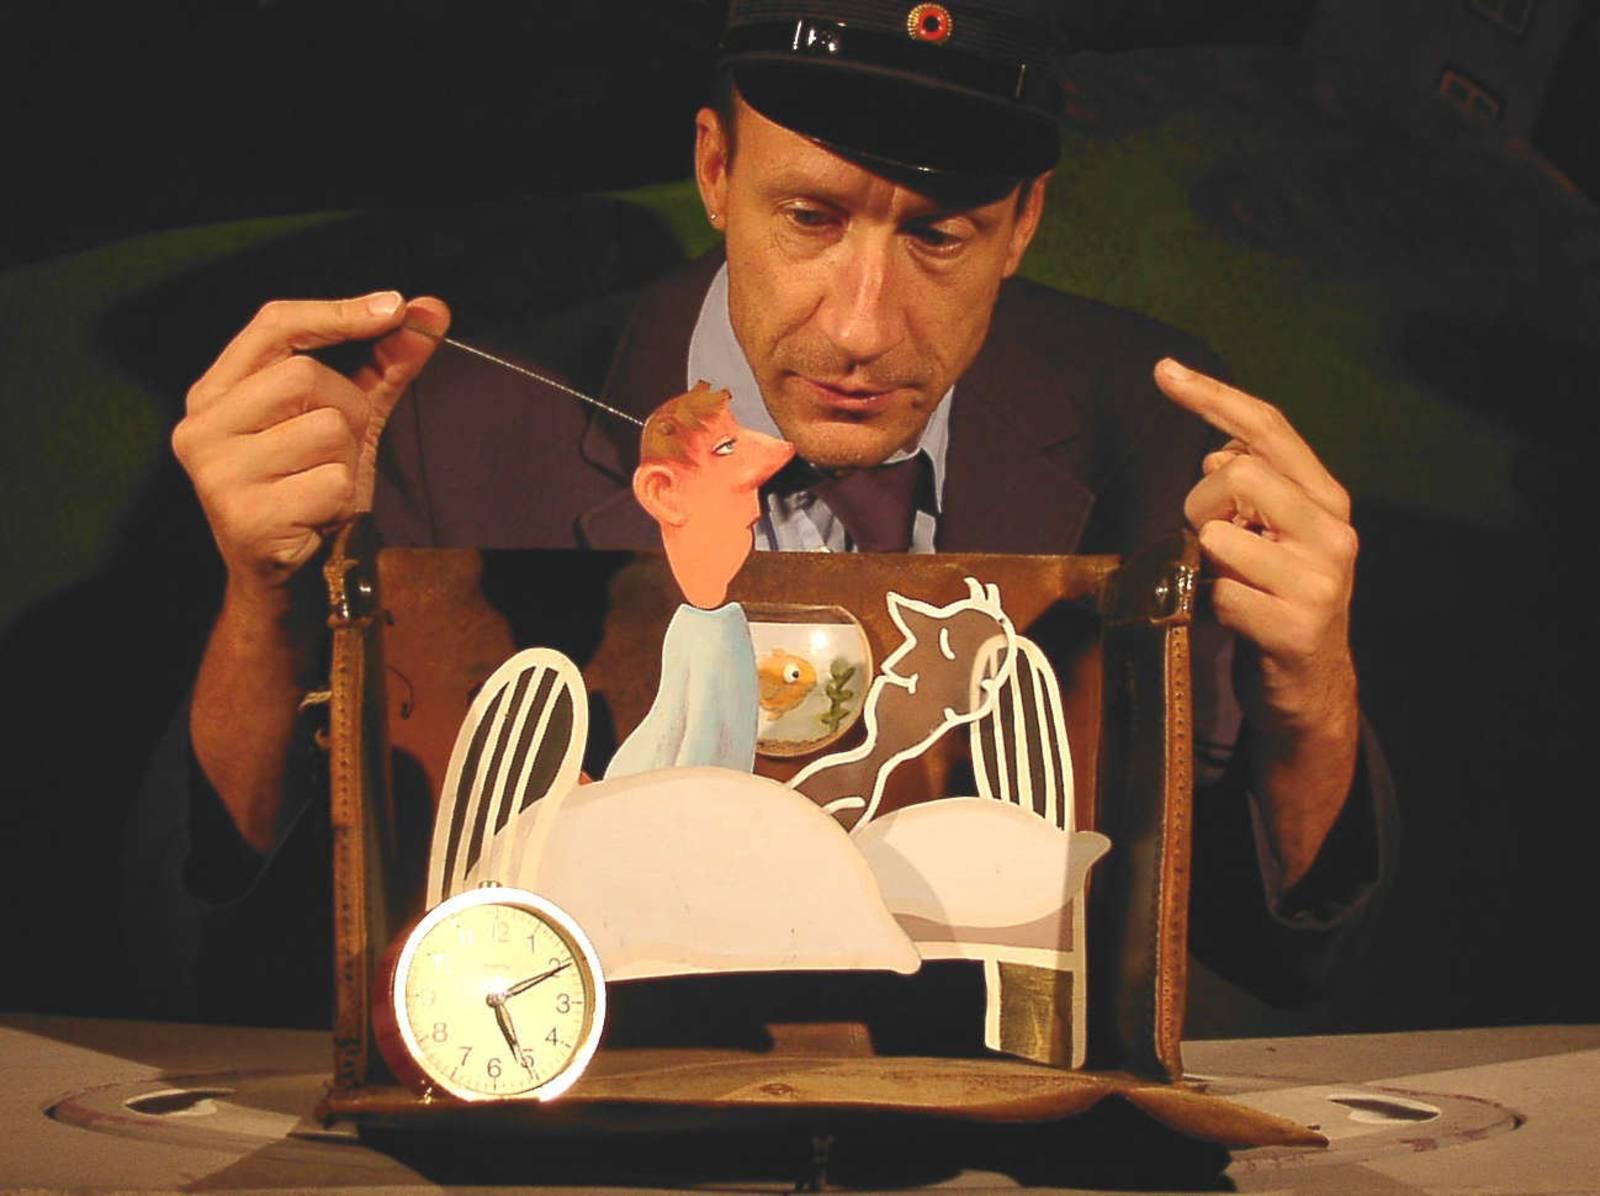 Achim Fuchs-Bortfeldt vom Figurentheater Die Füchse steht hinter einen kleinen Bühne und spielt mit einer Pappfigur, die sich aus ihrem Bett erhebt.